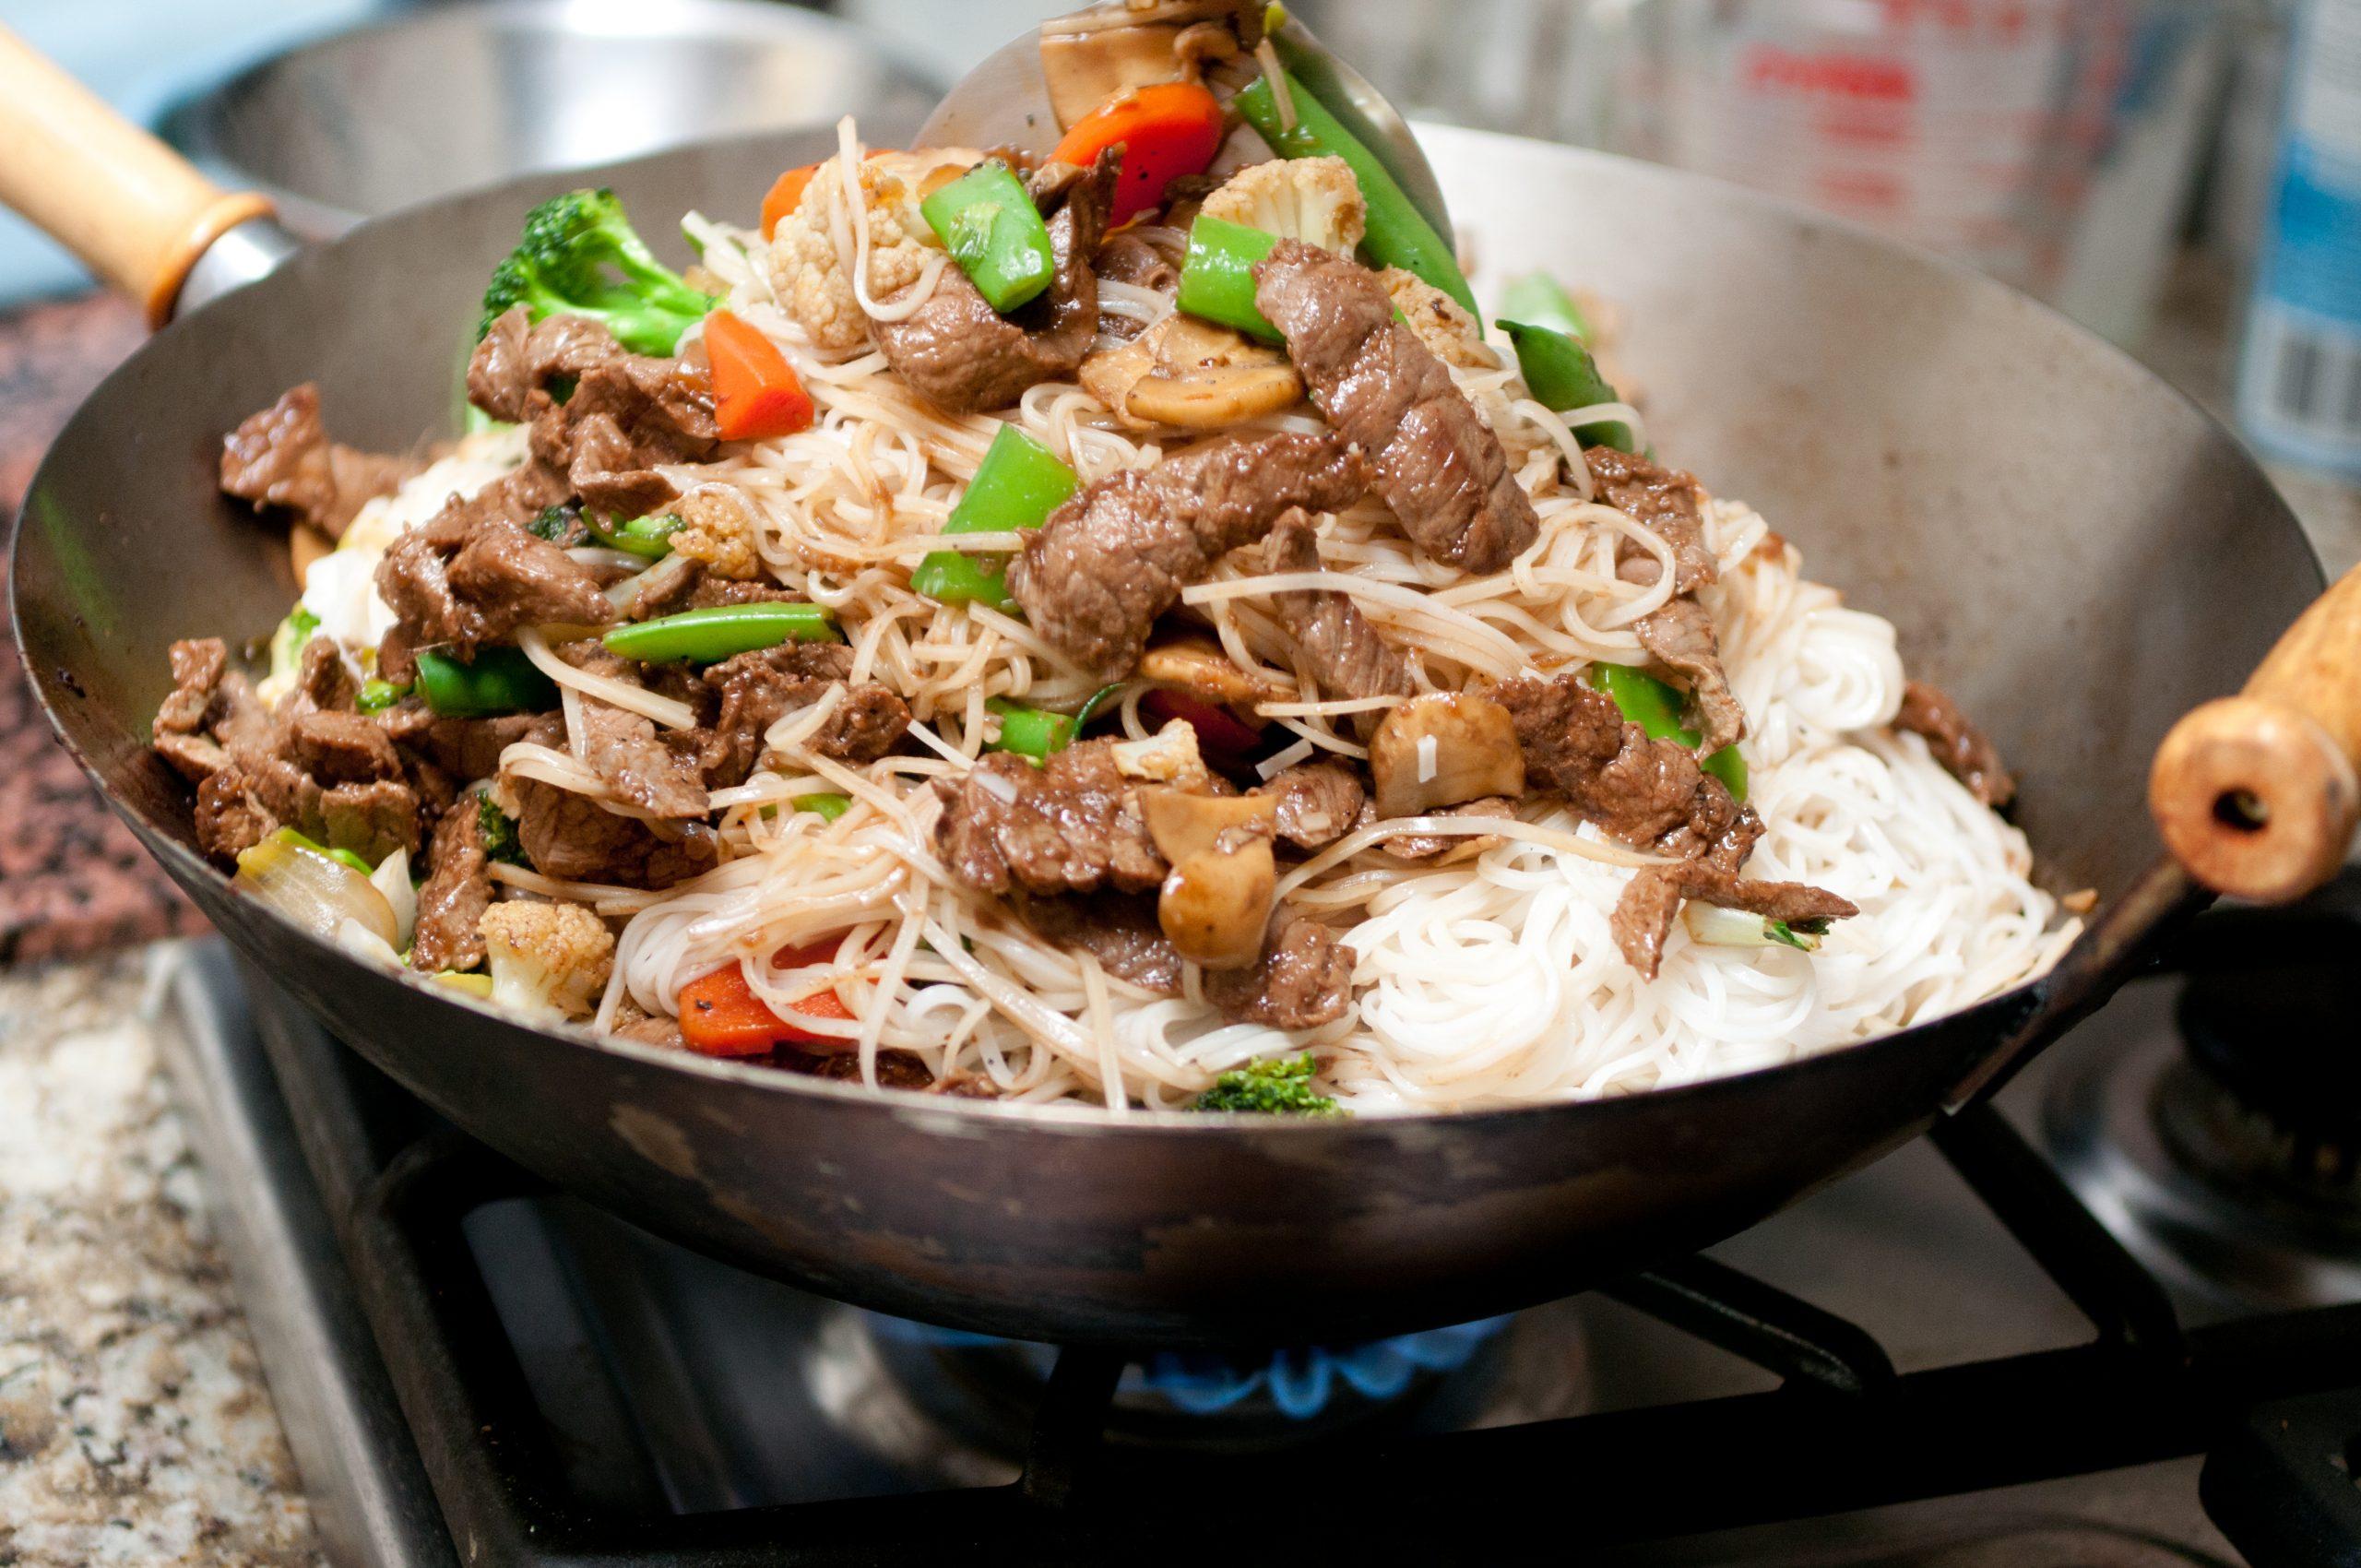 rindfleischpfanne-mit-champignons-moehren-zuckerschoten-brokkoli-und-mie-nudeln